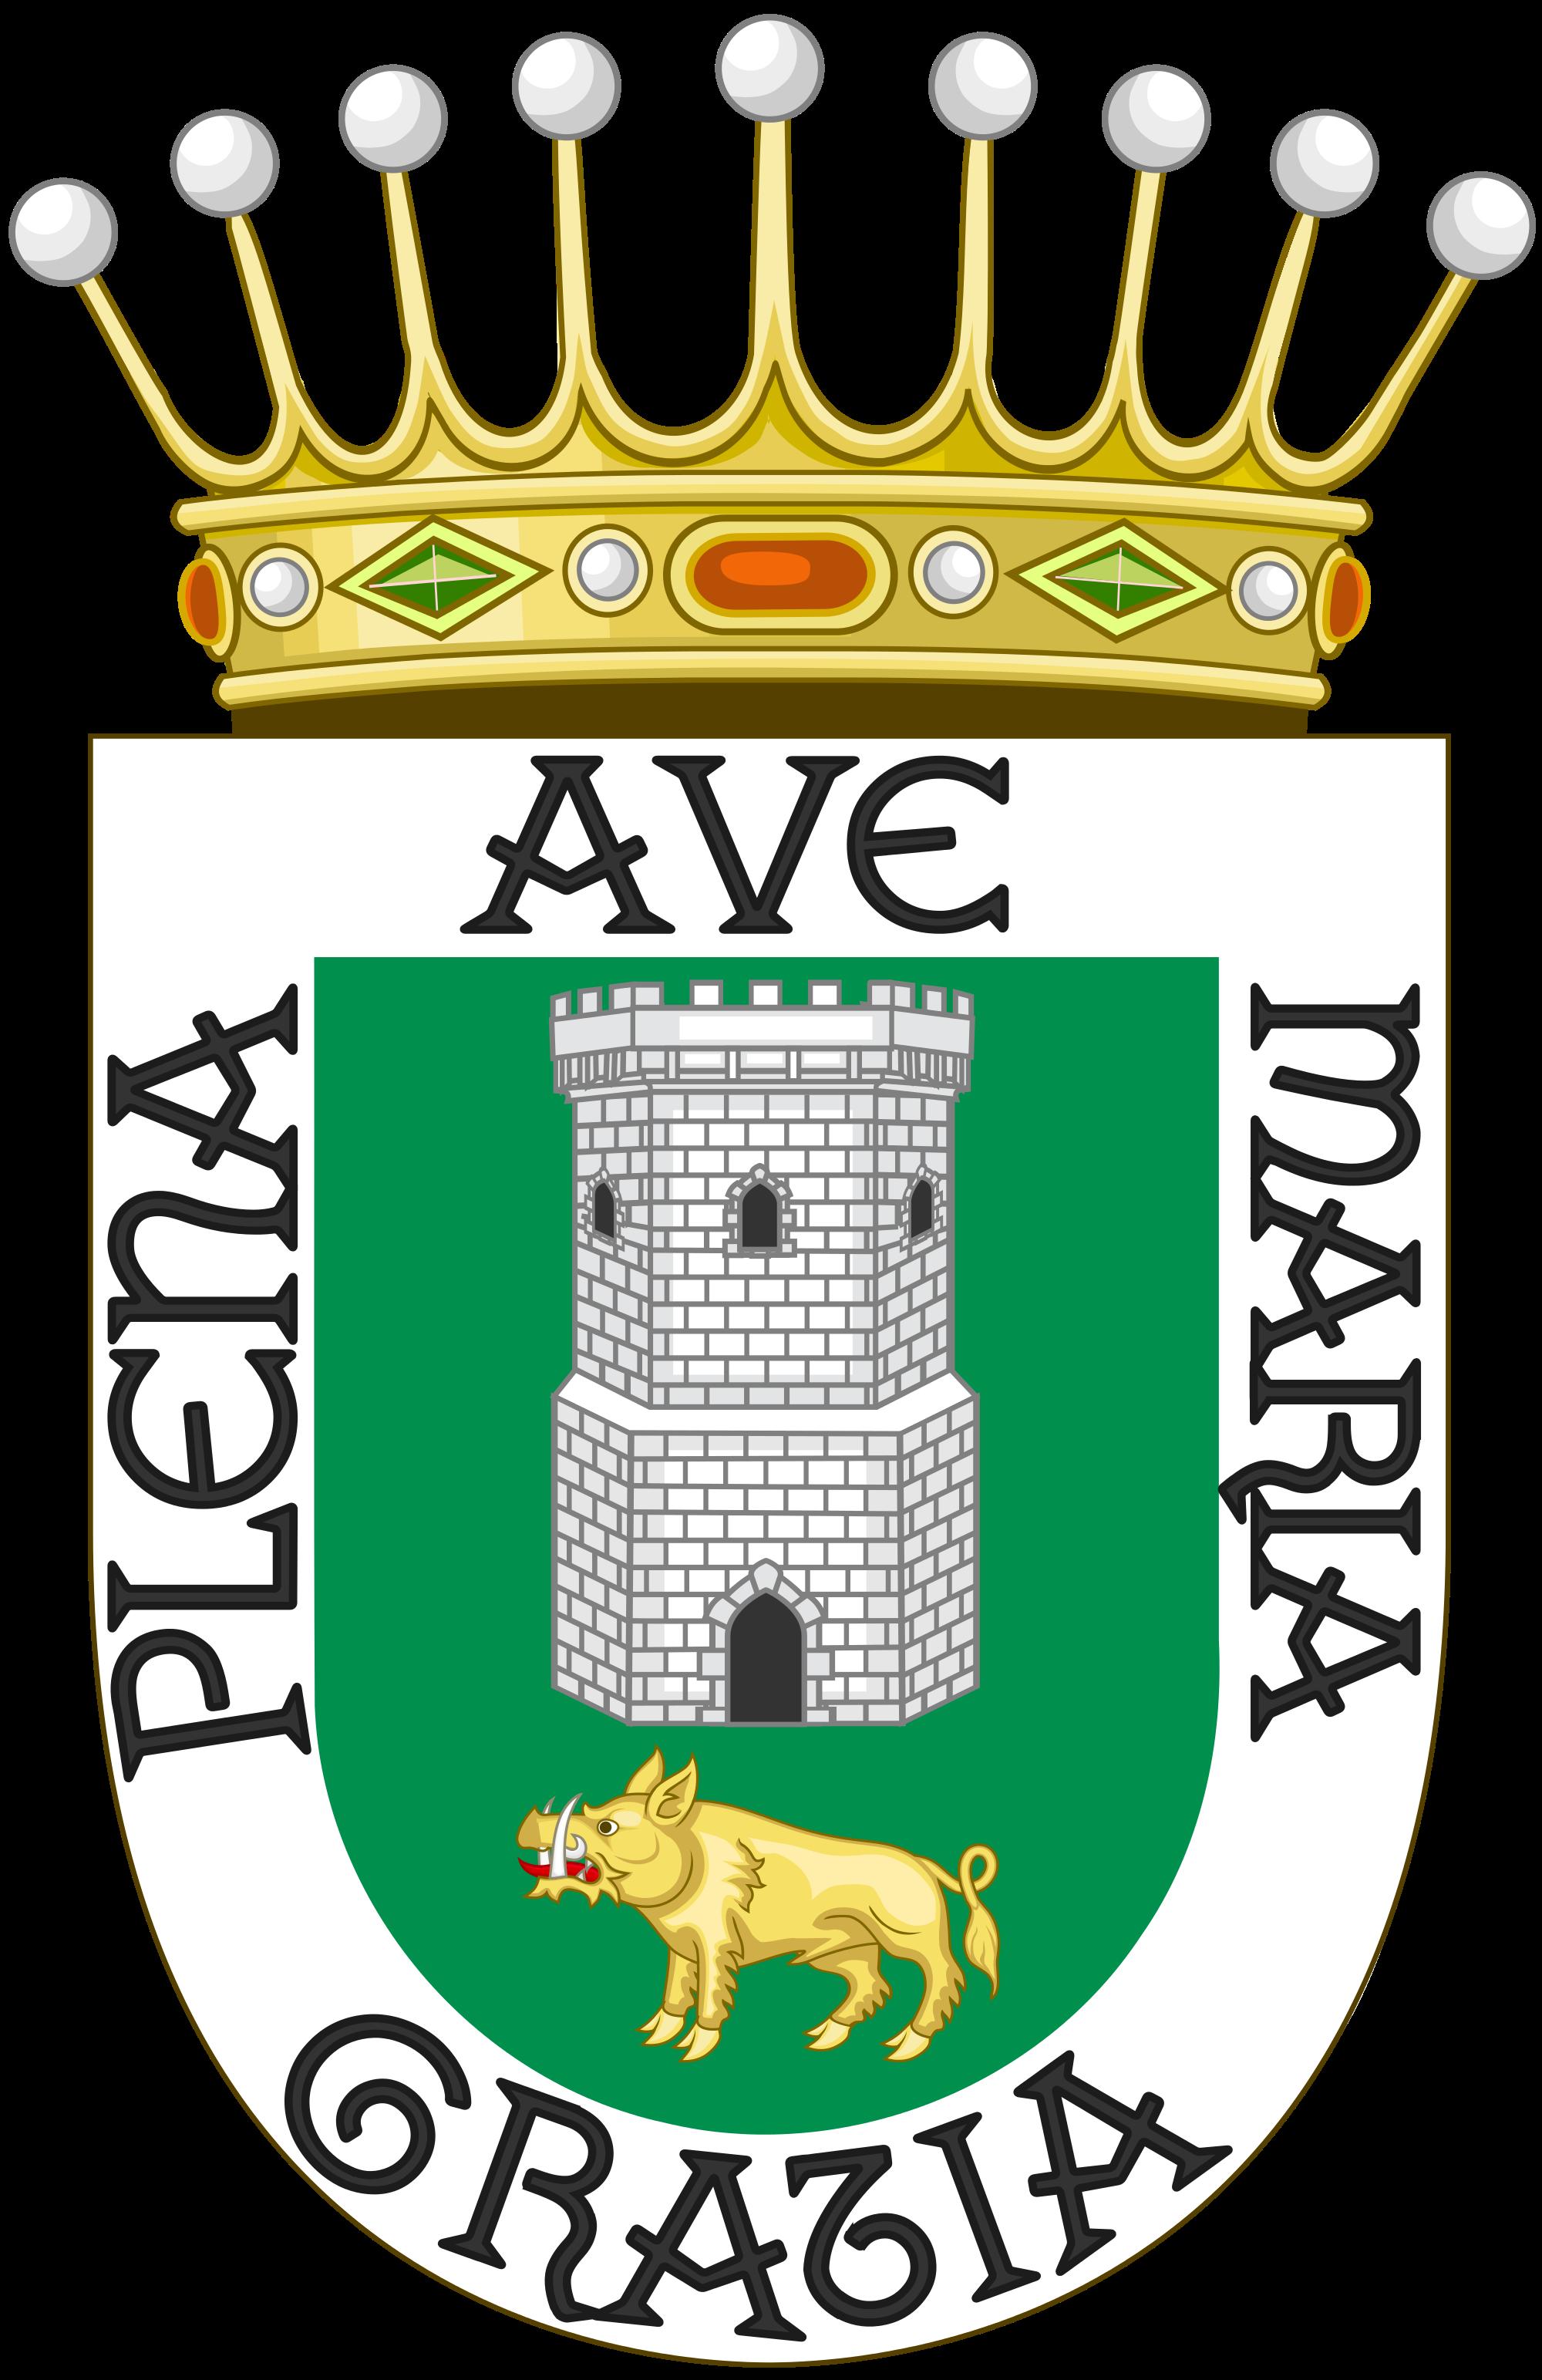 File:Coat of Arms of Vilalba (Lugo).svg.